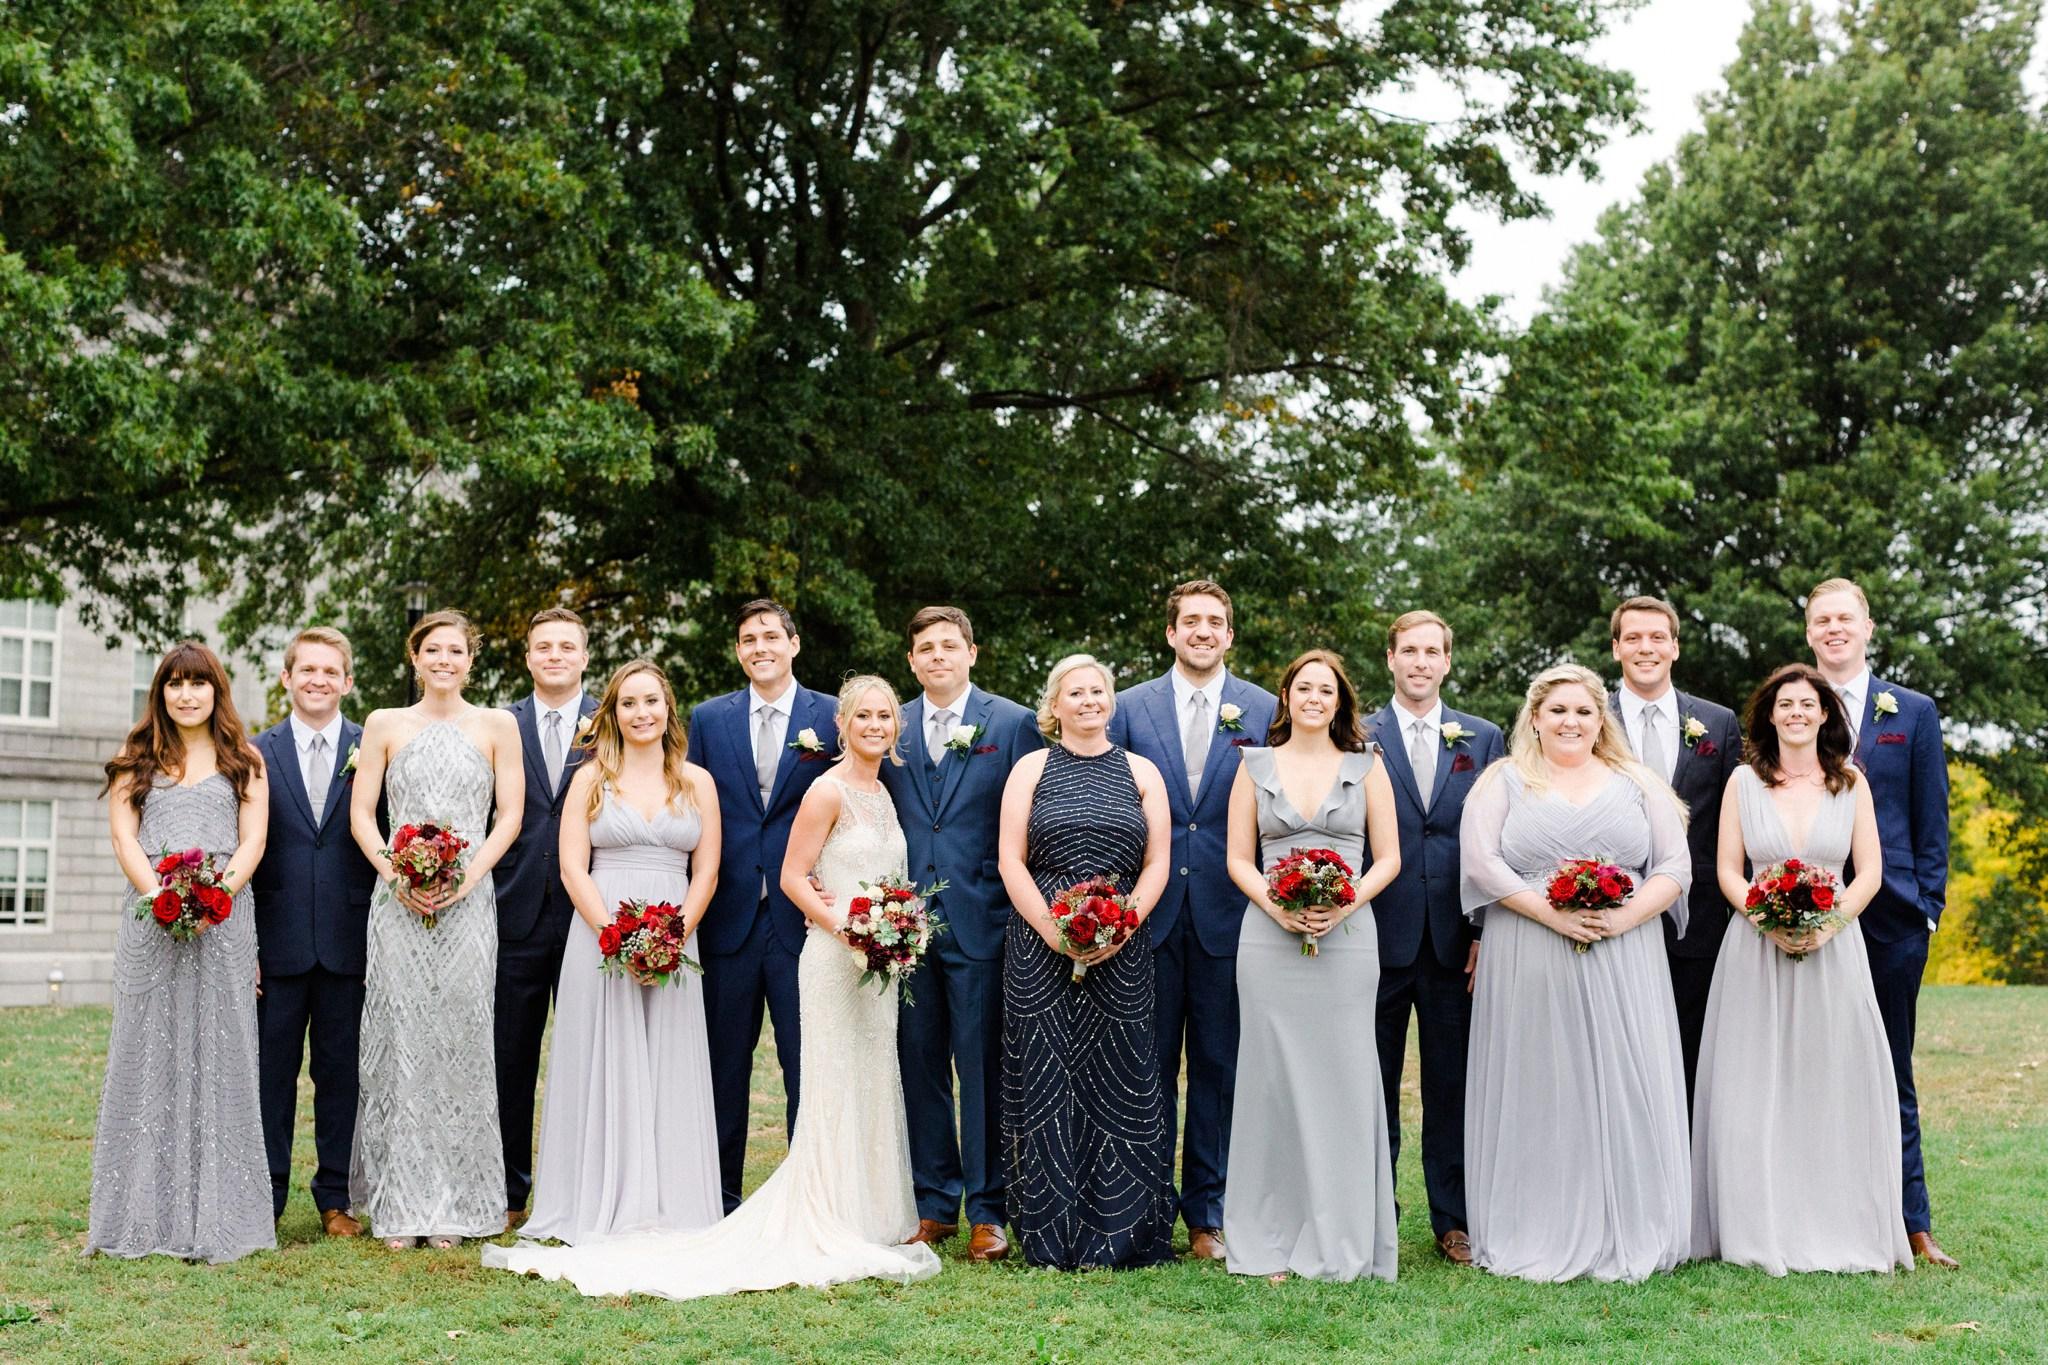 boston_wedding_deborah_zoe_photography_00019.JPG